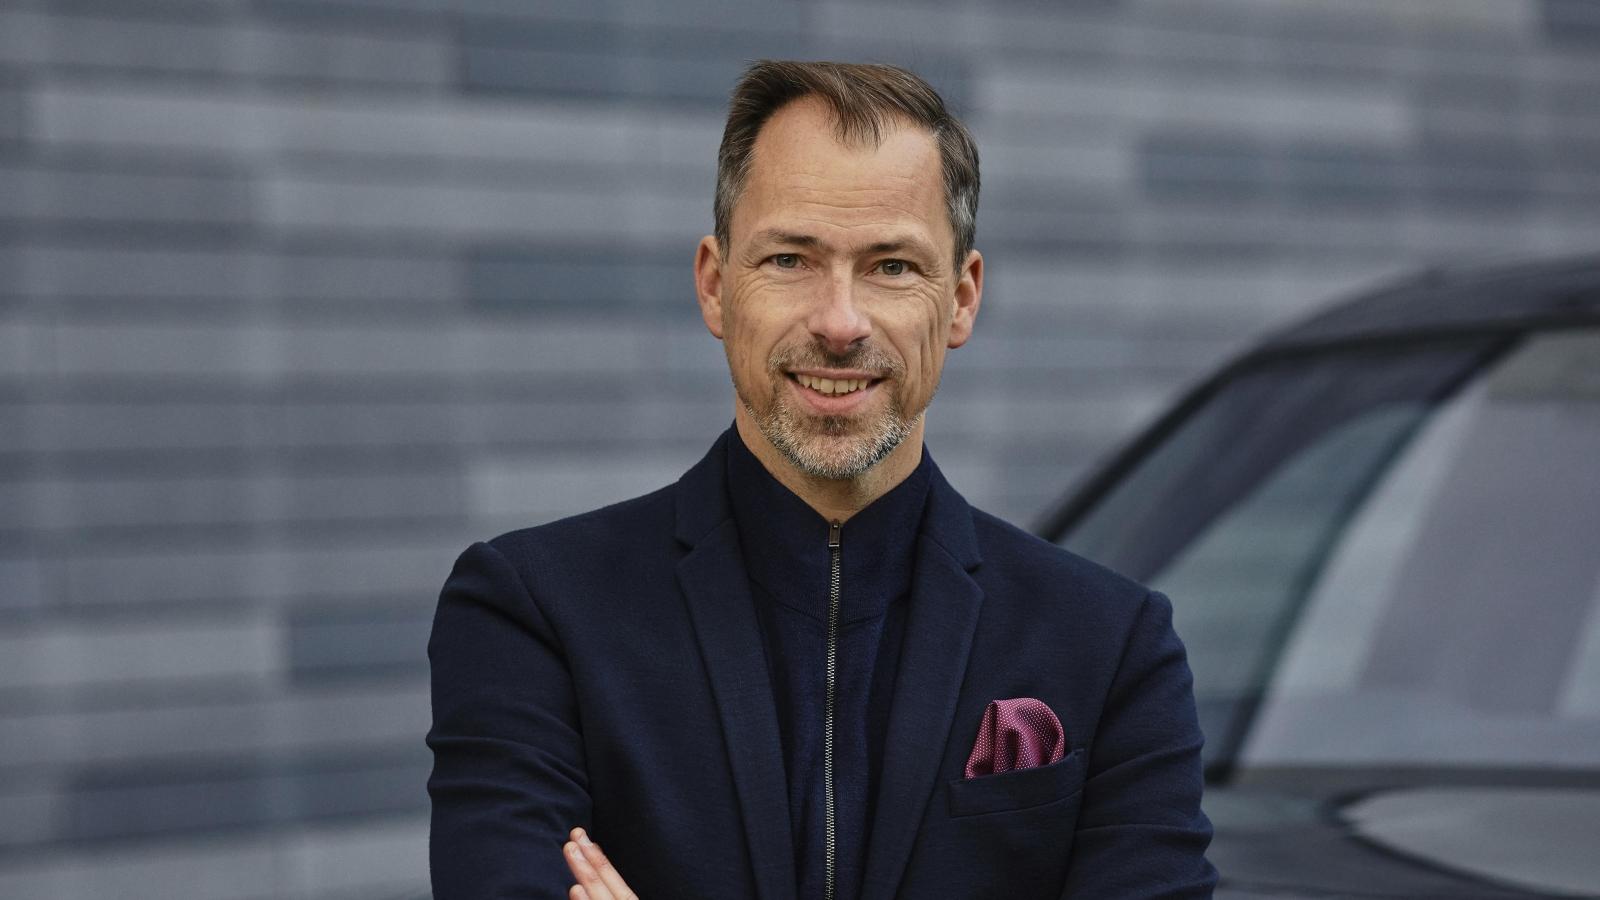 Anders Warming làm Giám đốc thiết kế mới của Rolls-Royce